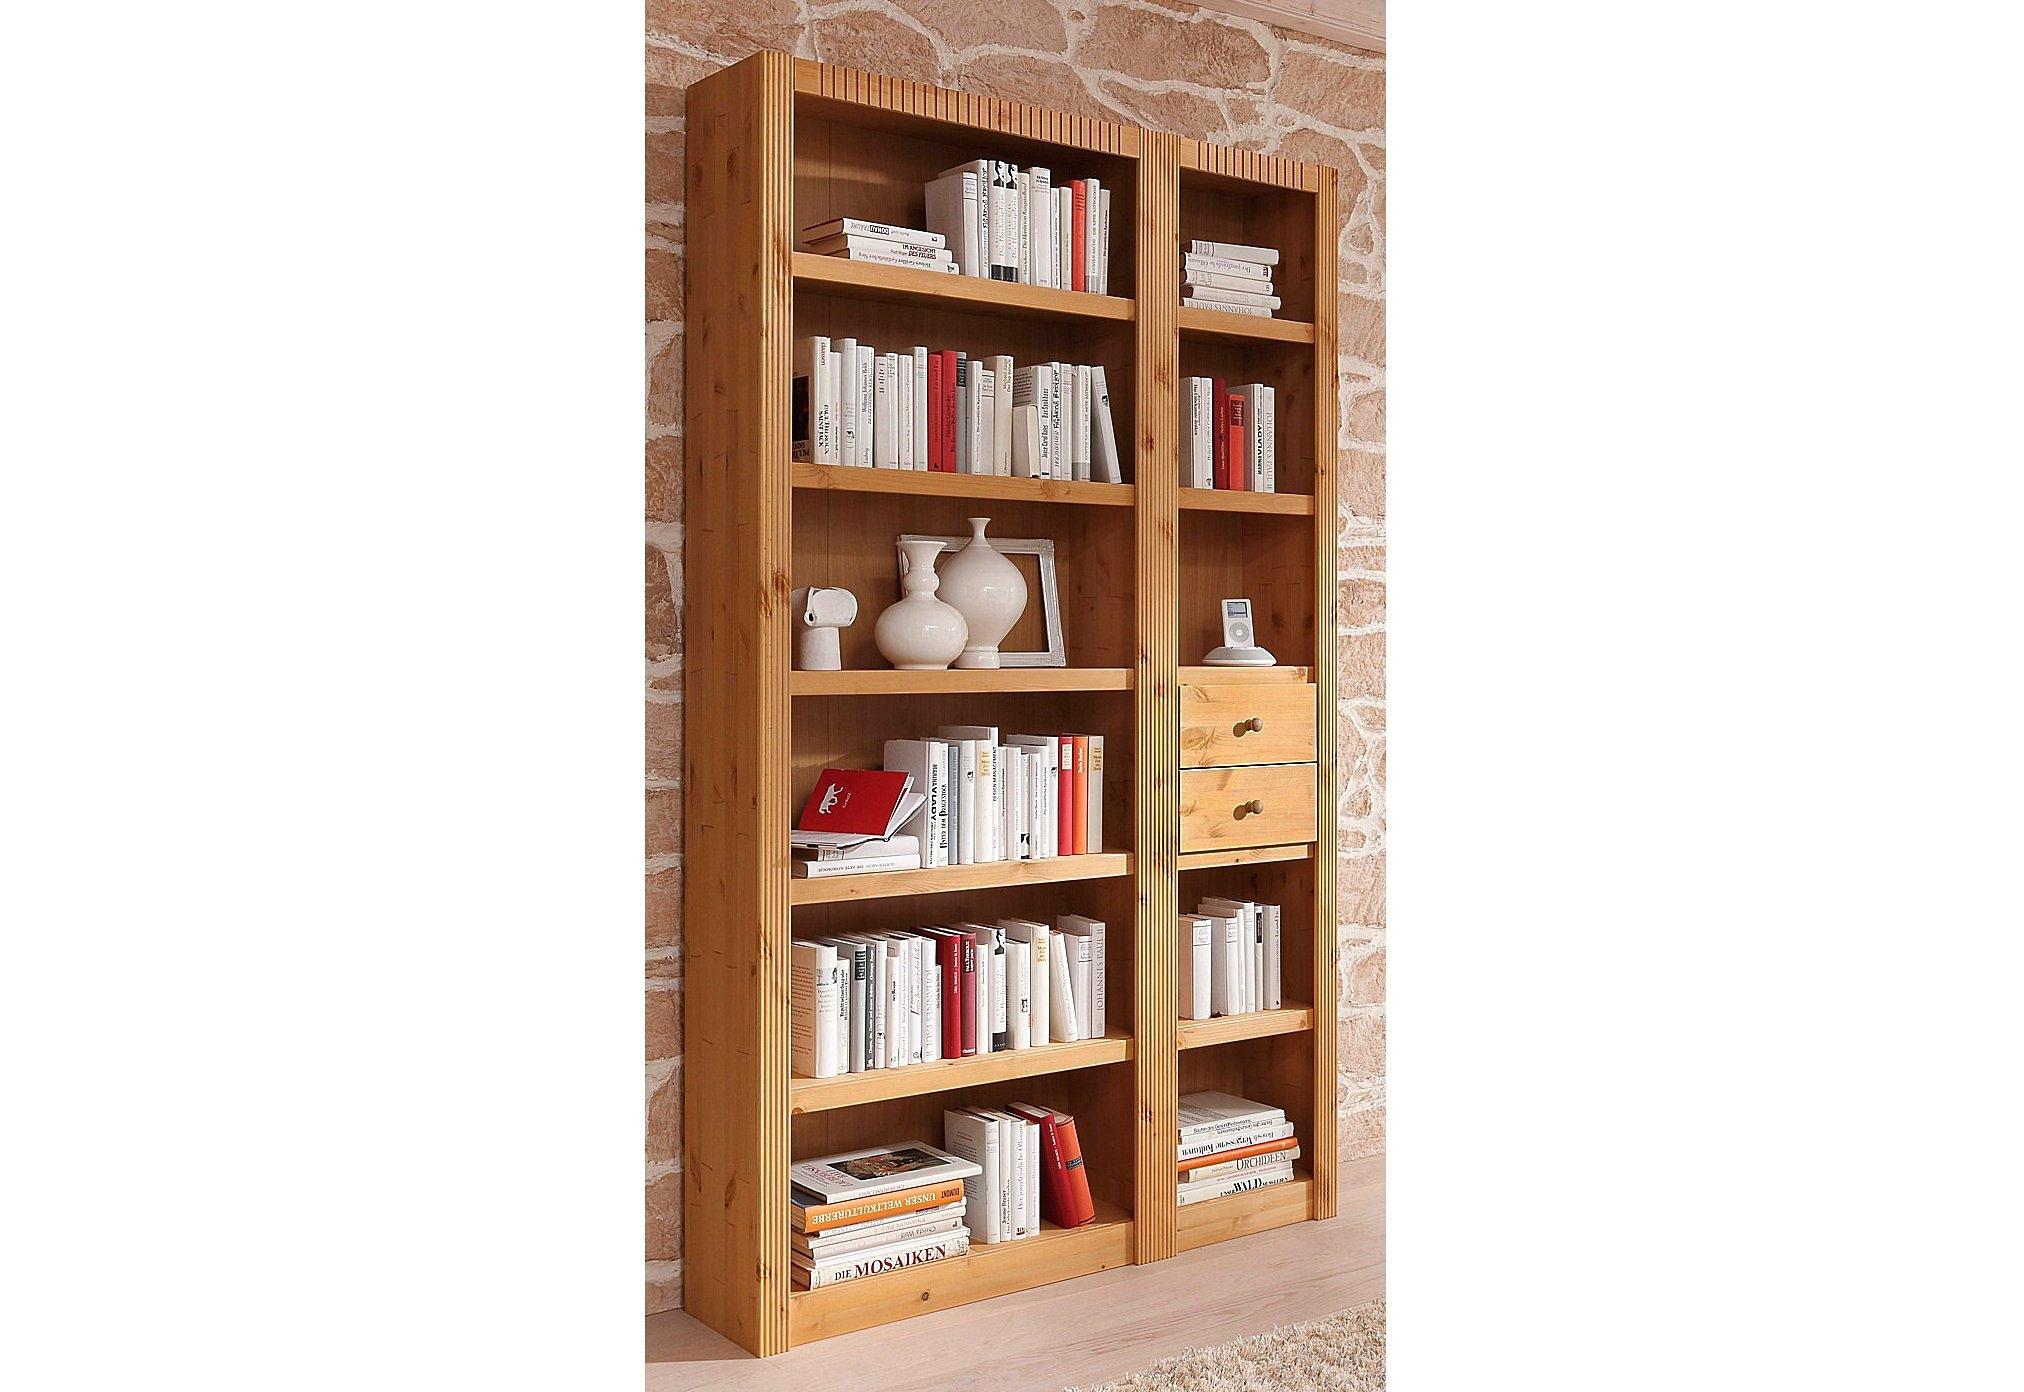 Boekenkast aanbouwelement breedte 45 5 cm. er zitten geen lades in